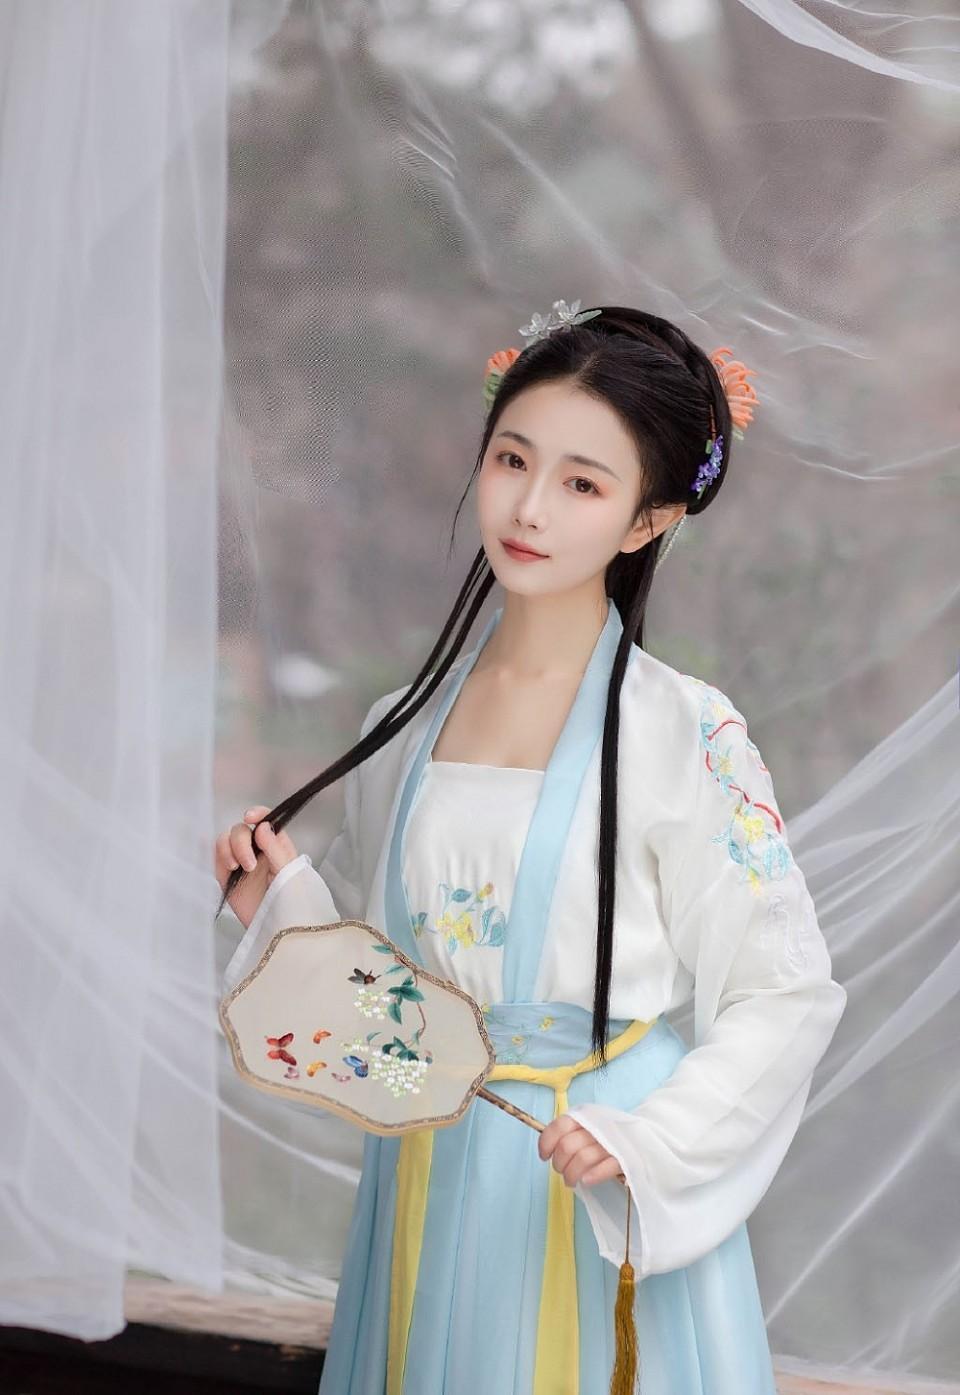 仙气十足的粉嫩小妹古装汉服人体艺术写真